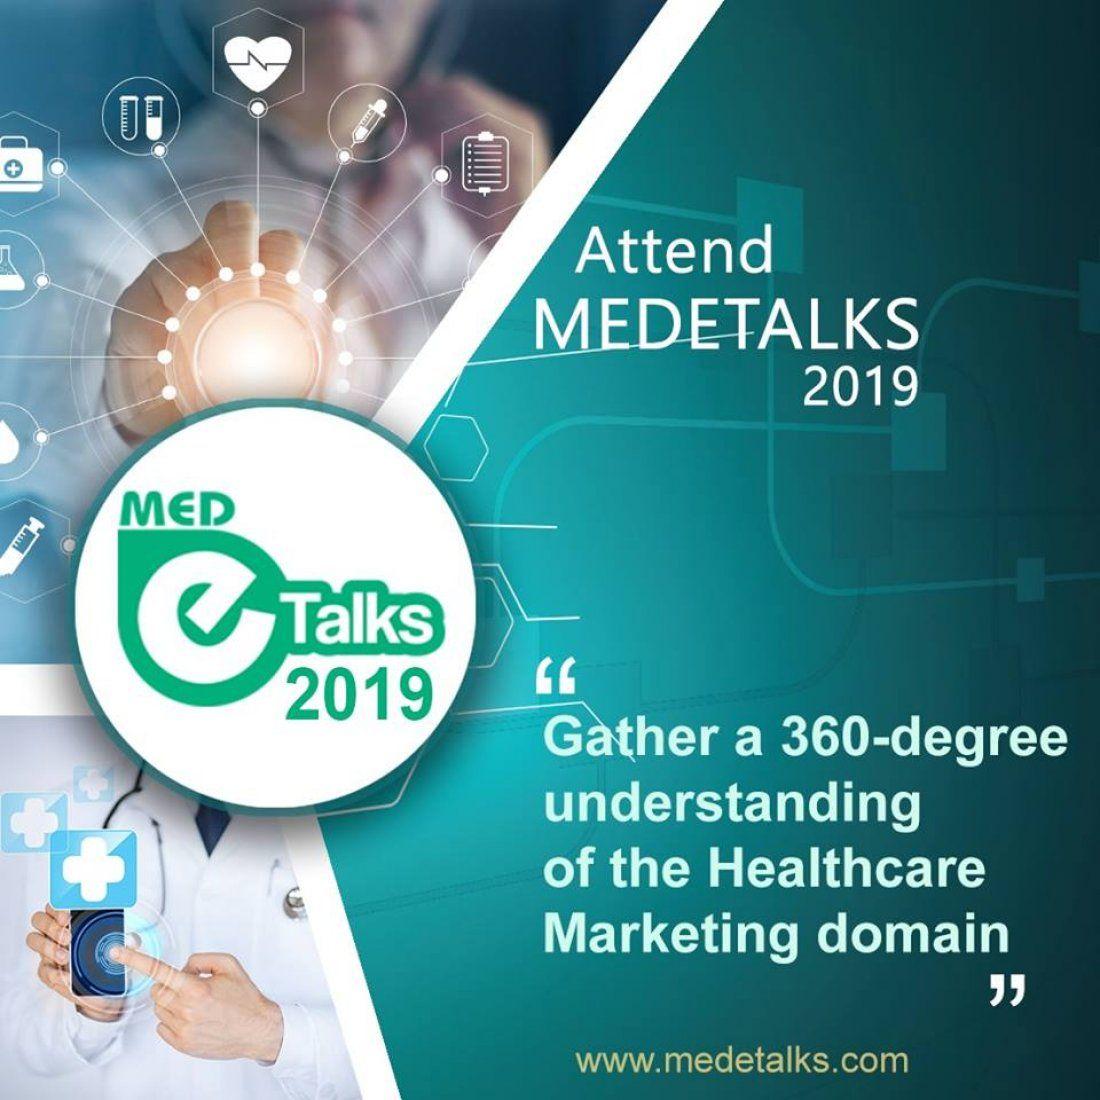 Medetalks 2019 - 5th International Health Care Conference